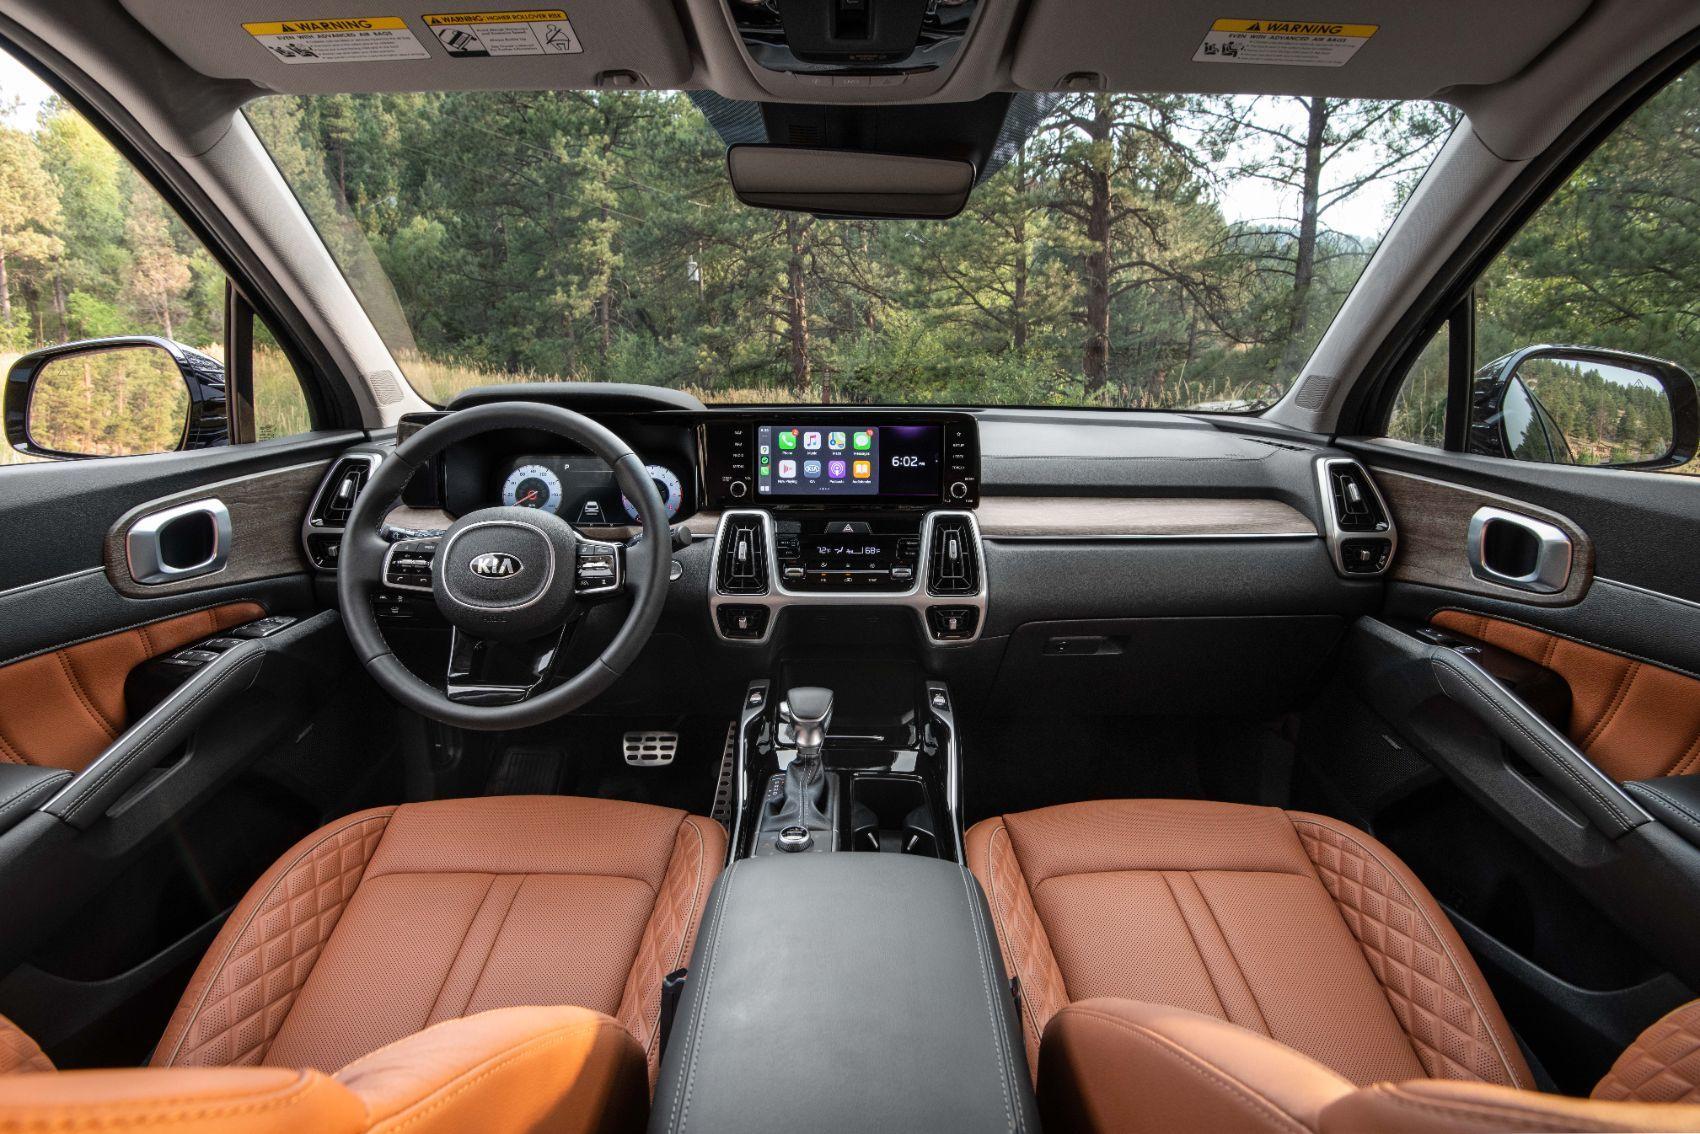 2021 Kia Sorento: An In-Depth Walk Around This Sporty New SUV